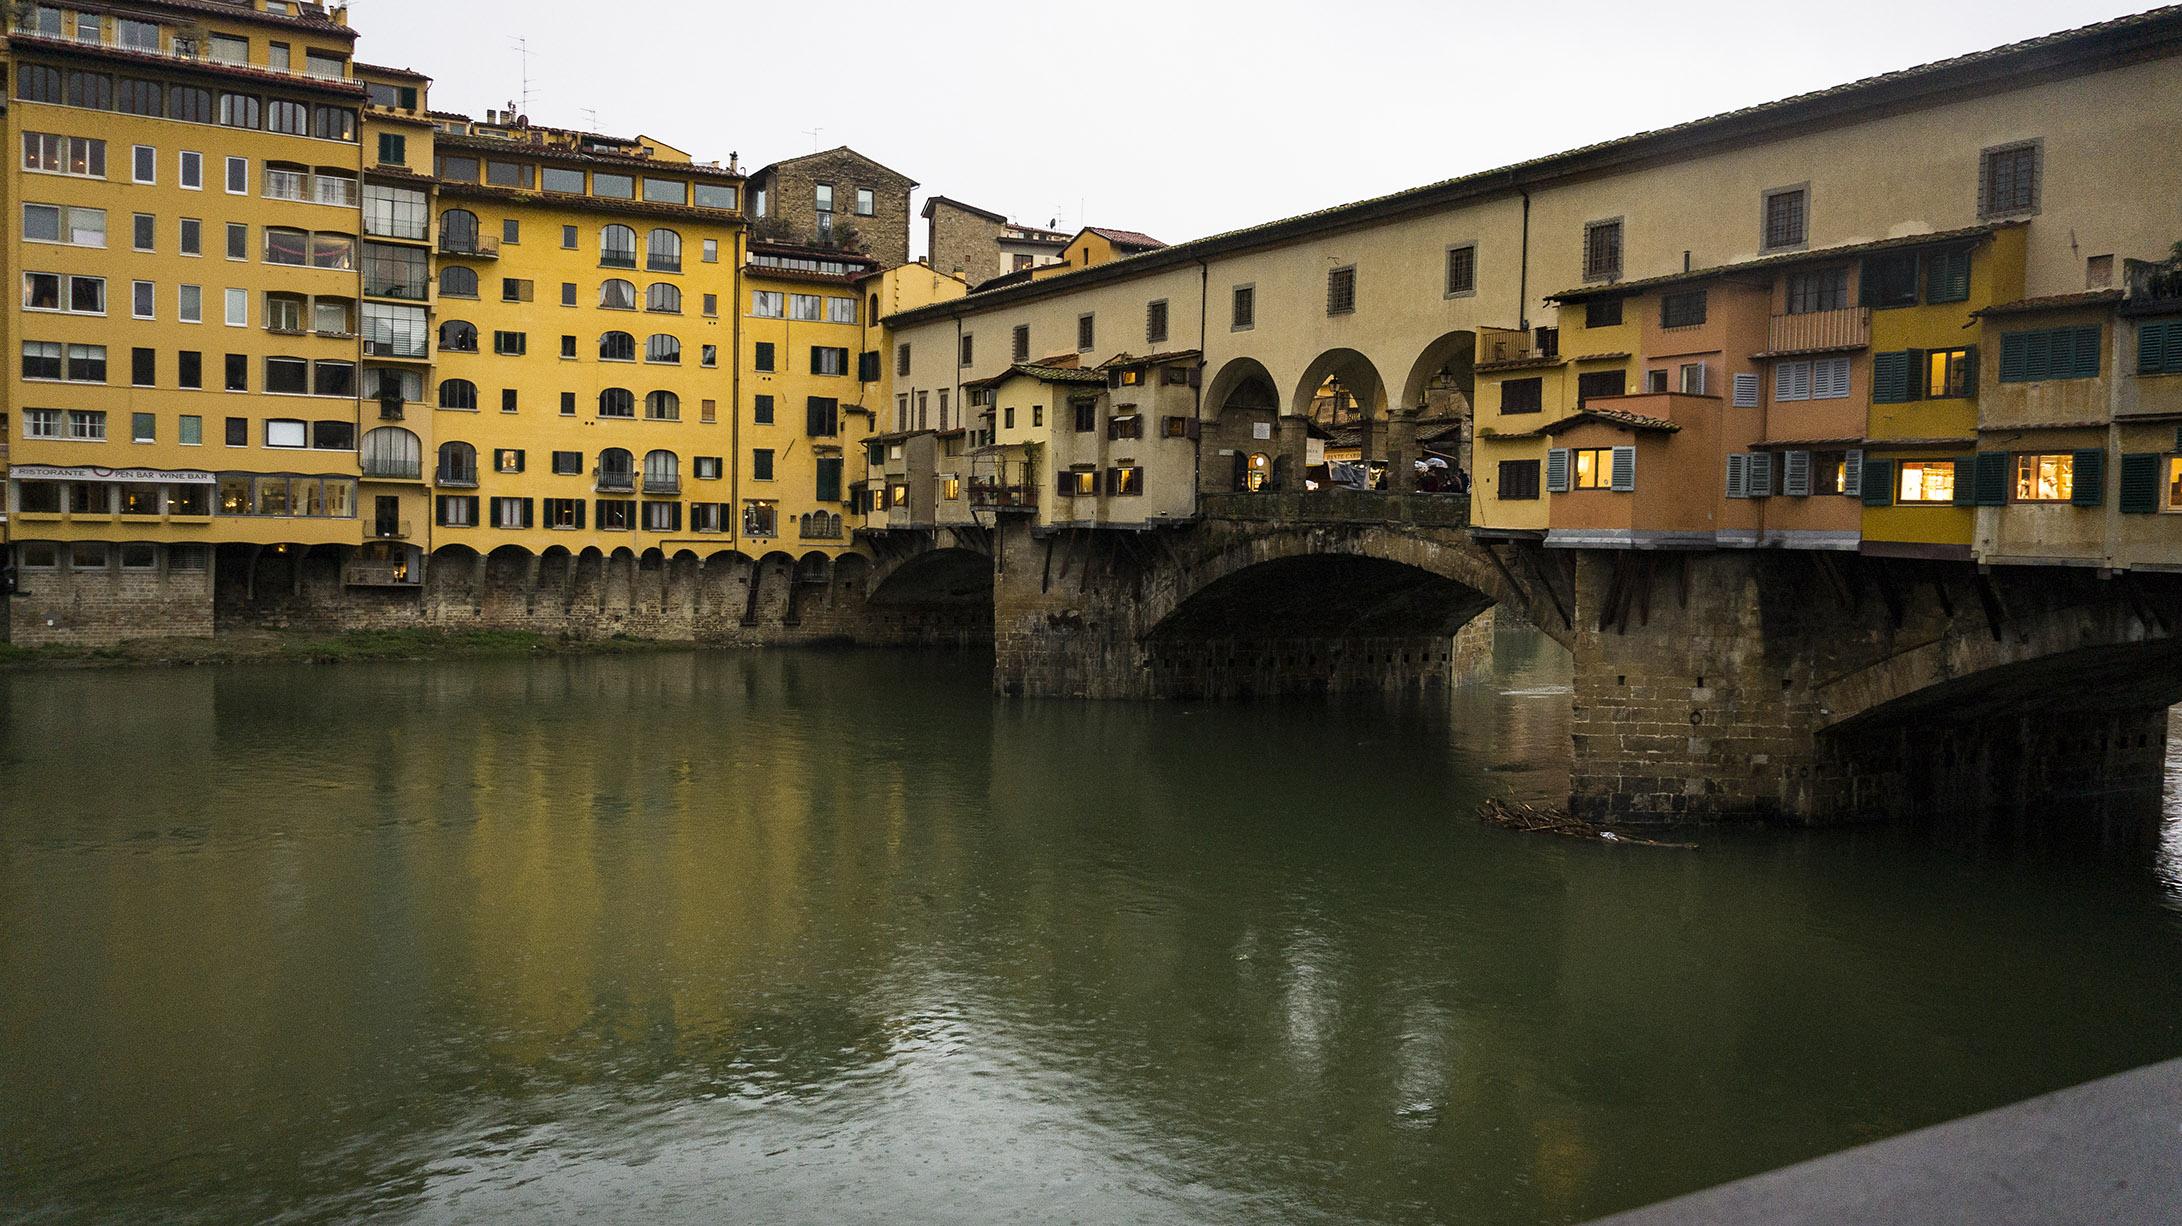 Достопримечательности Флоренции: мост Понте Веккьо